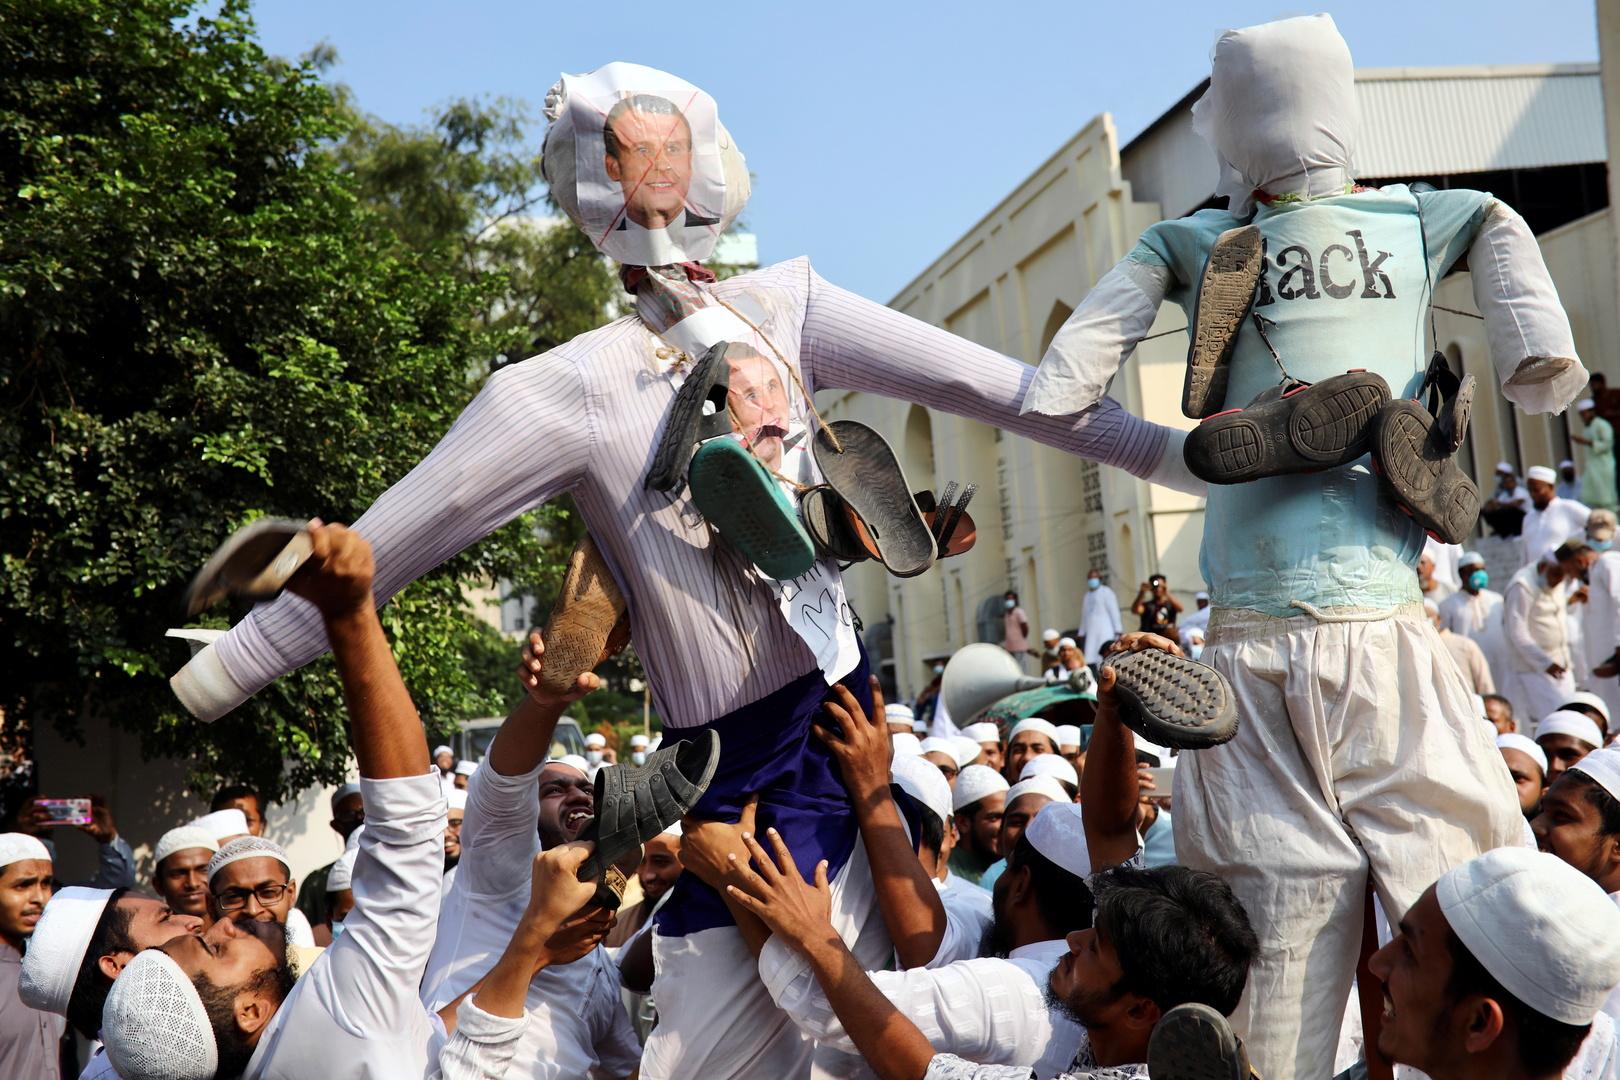 مظاهرات ضد الرئيس الفرنسي إيمانويل ماكرون في بنغلادش